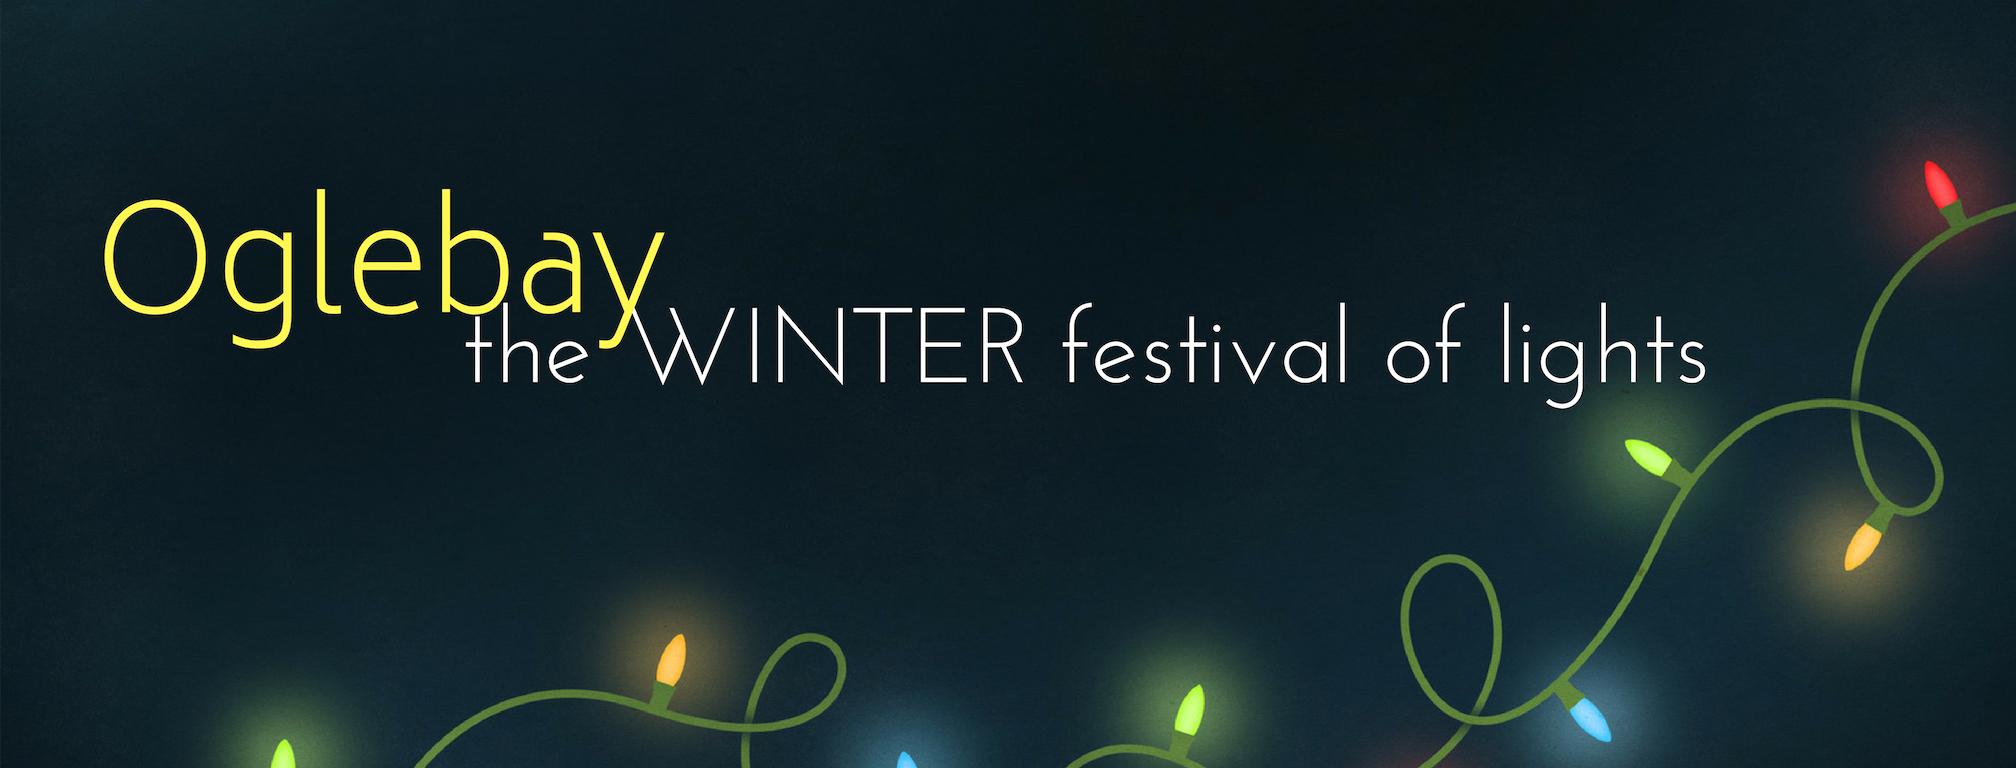 the WINTER festival of lights (1) (002).jpg